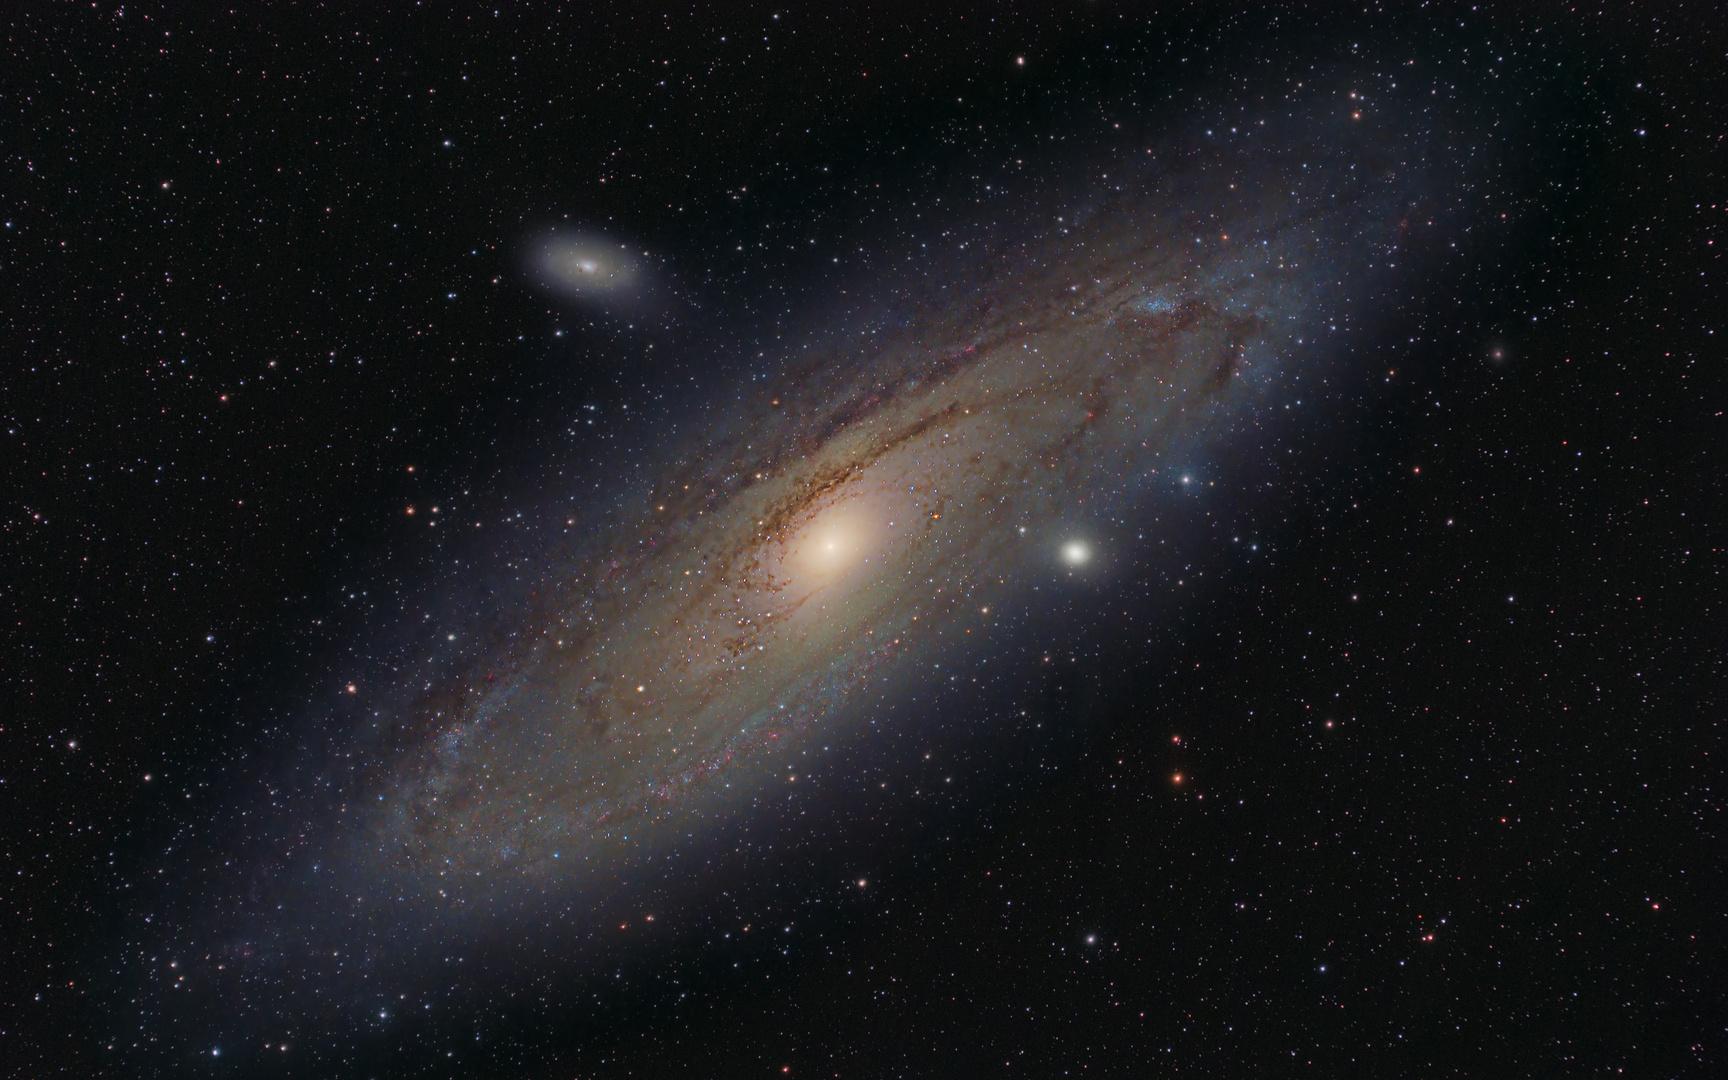 M31 - Adromedagalaxie